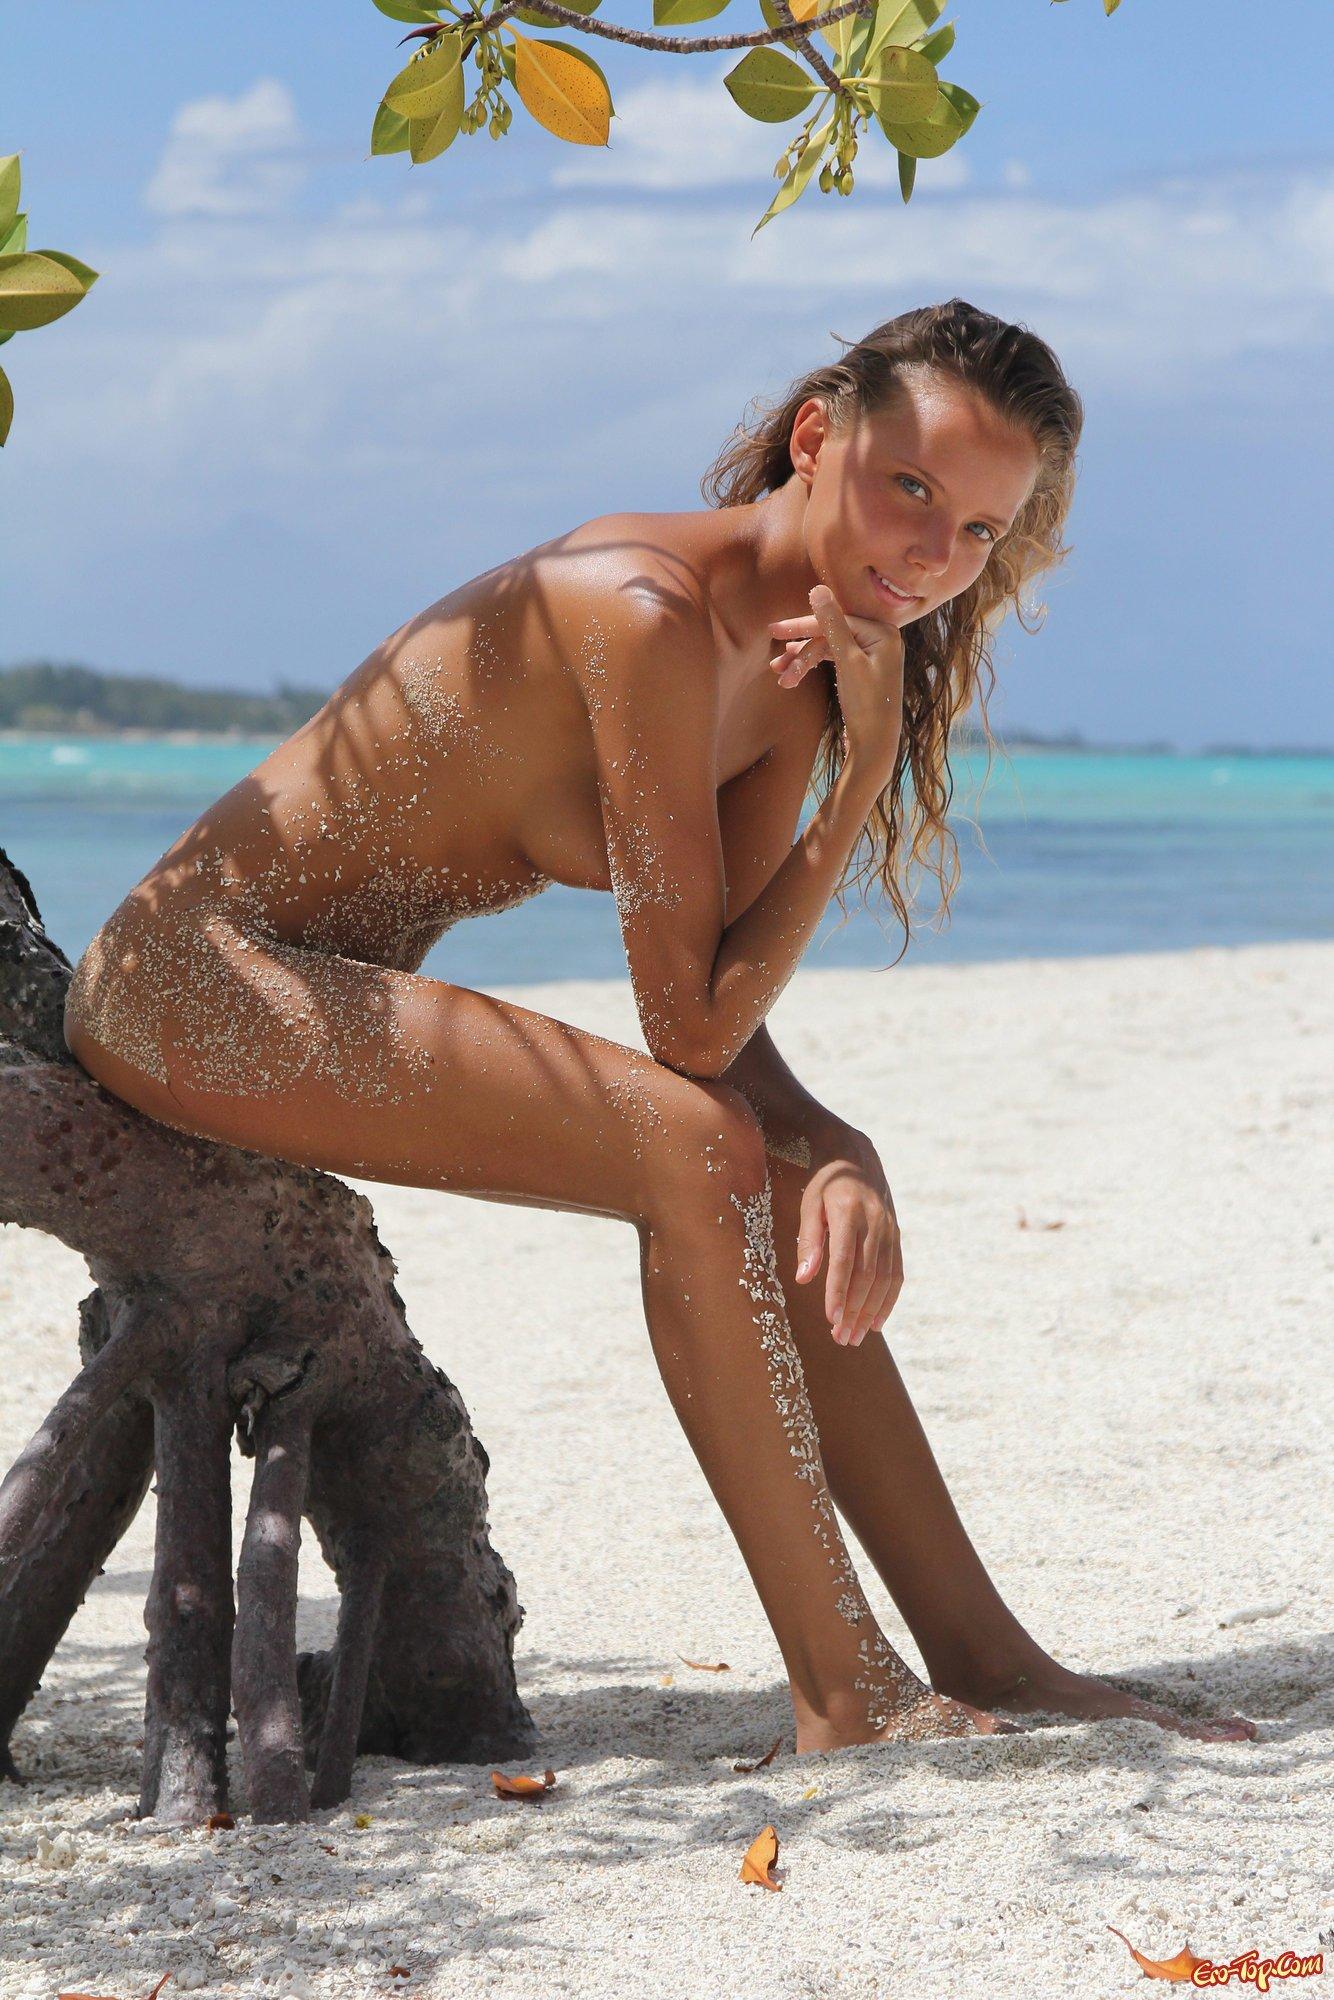 Привлекательная барышня на острове